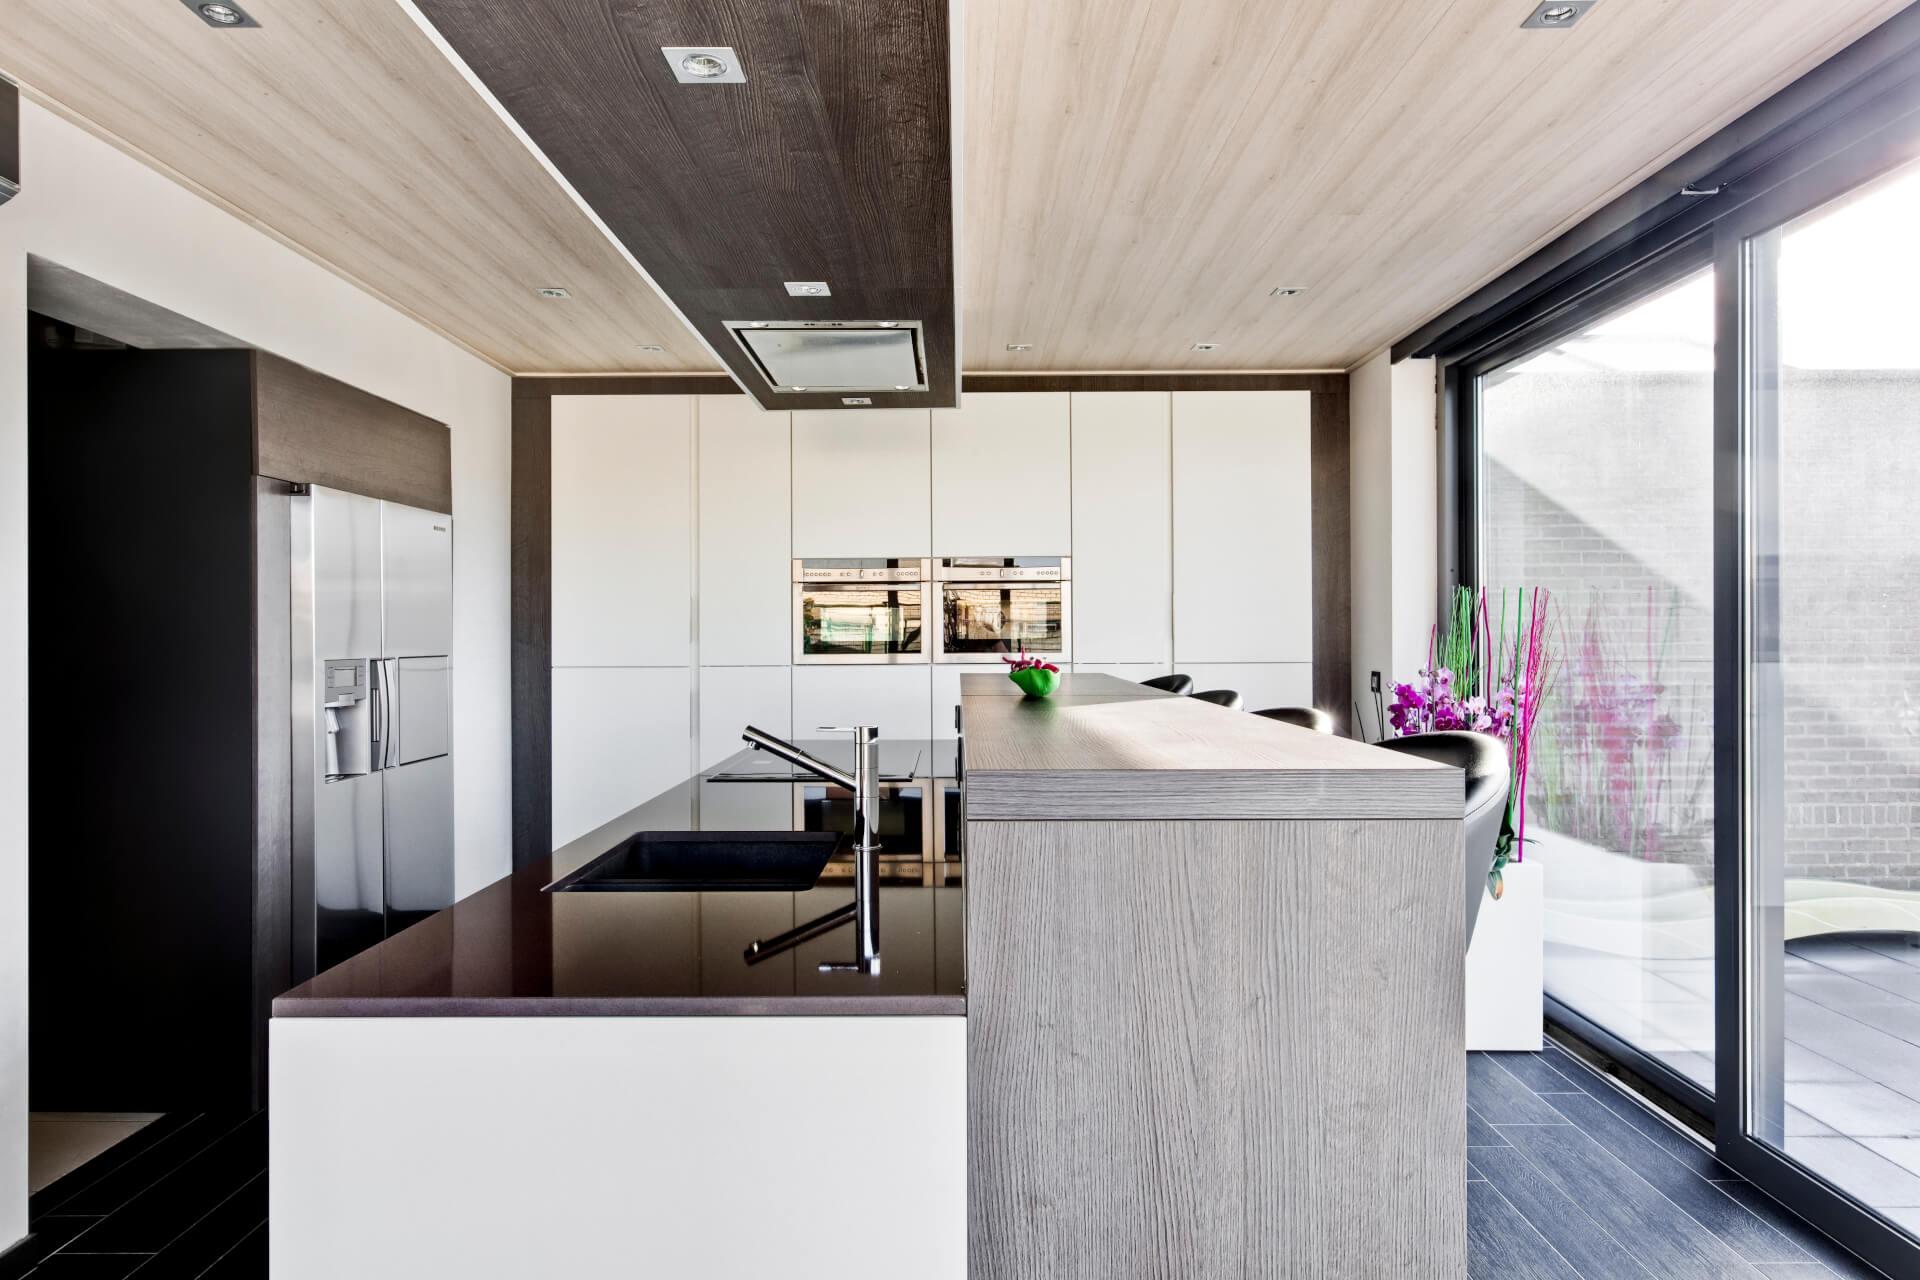 Creato keukens realisaties - Foto van moderne keuken ...